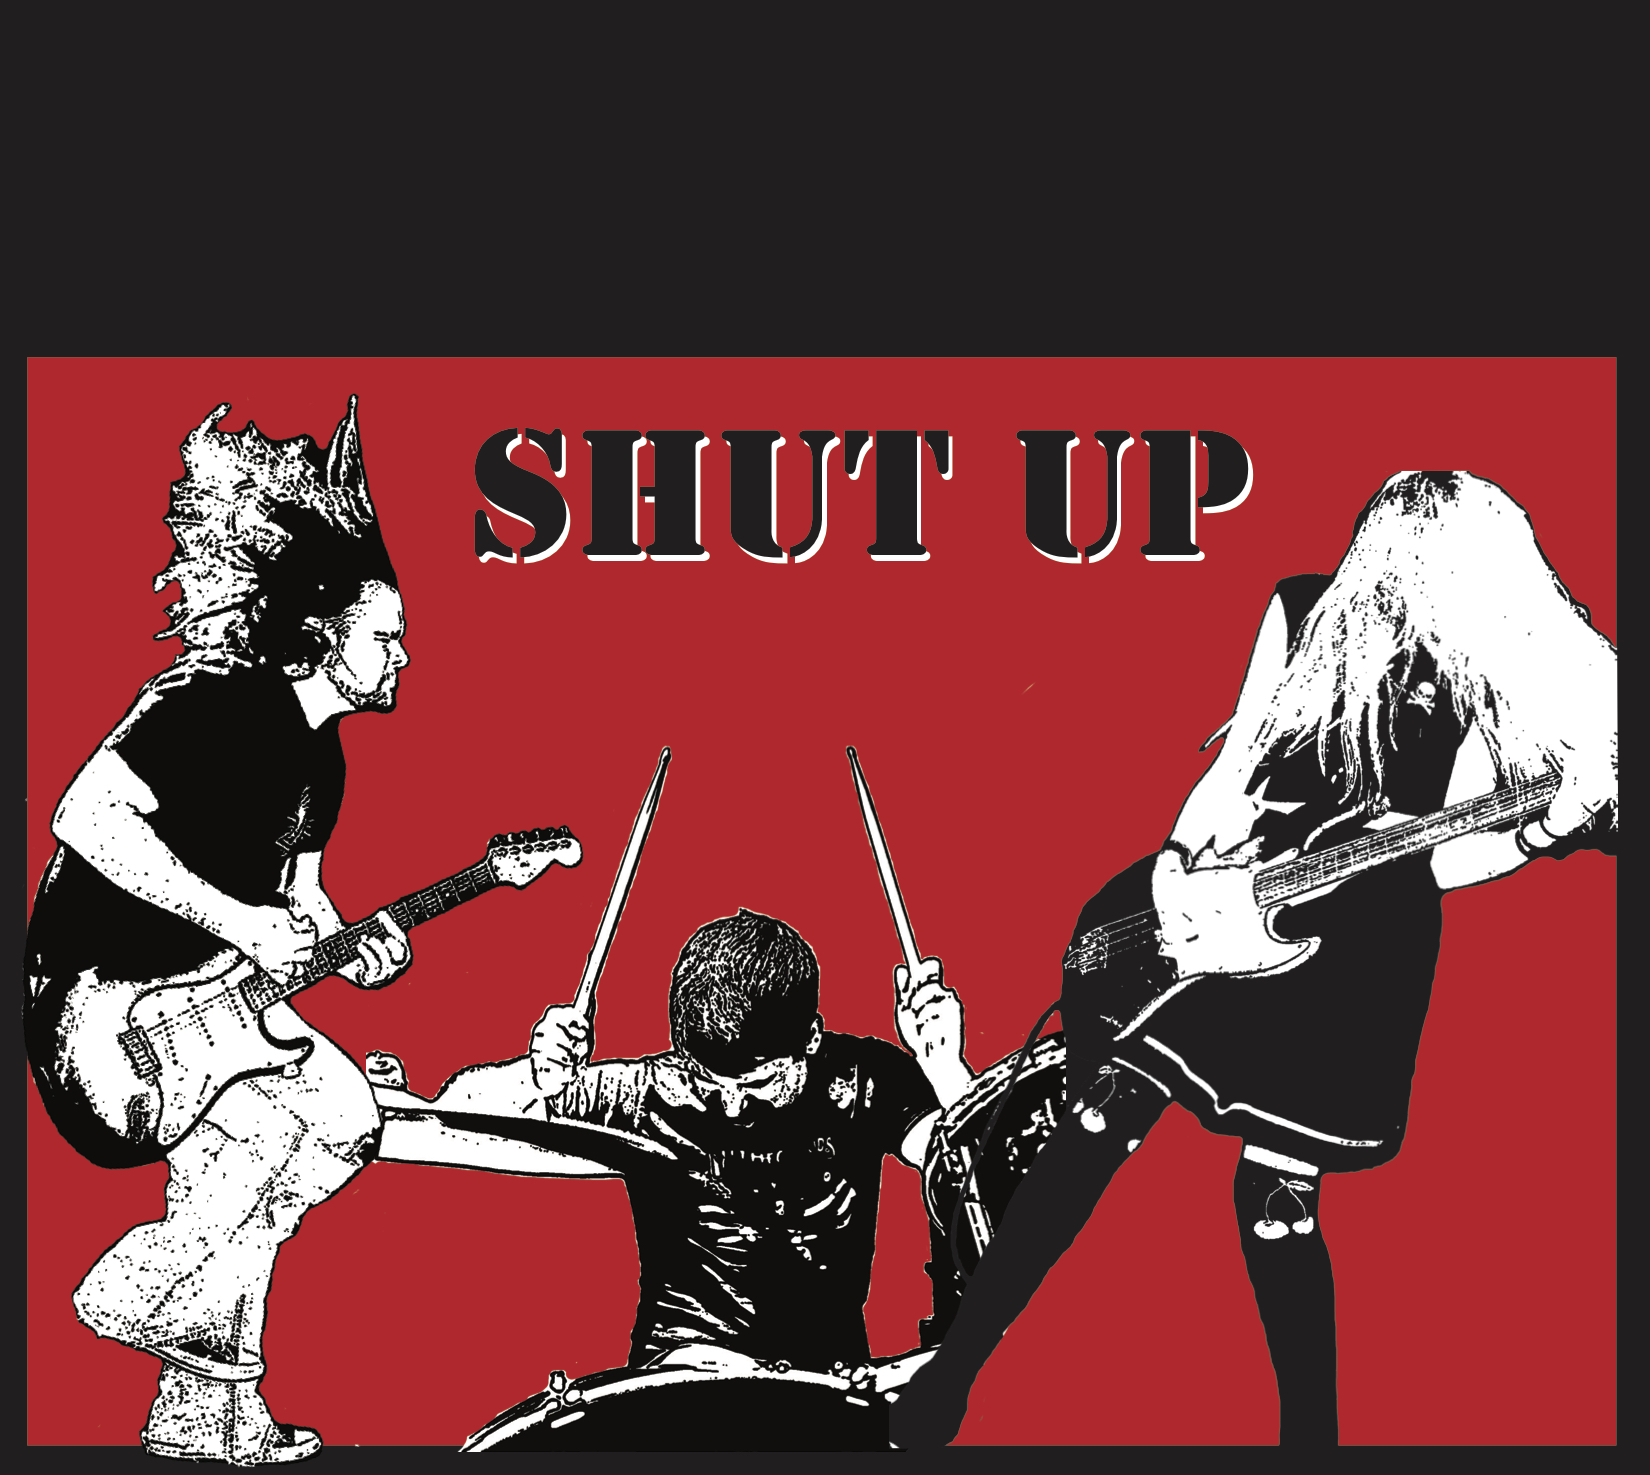 SHUT UP GRAPHIC_Website Banner copy.jpg